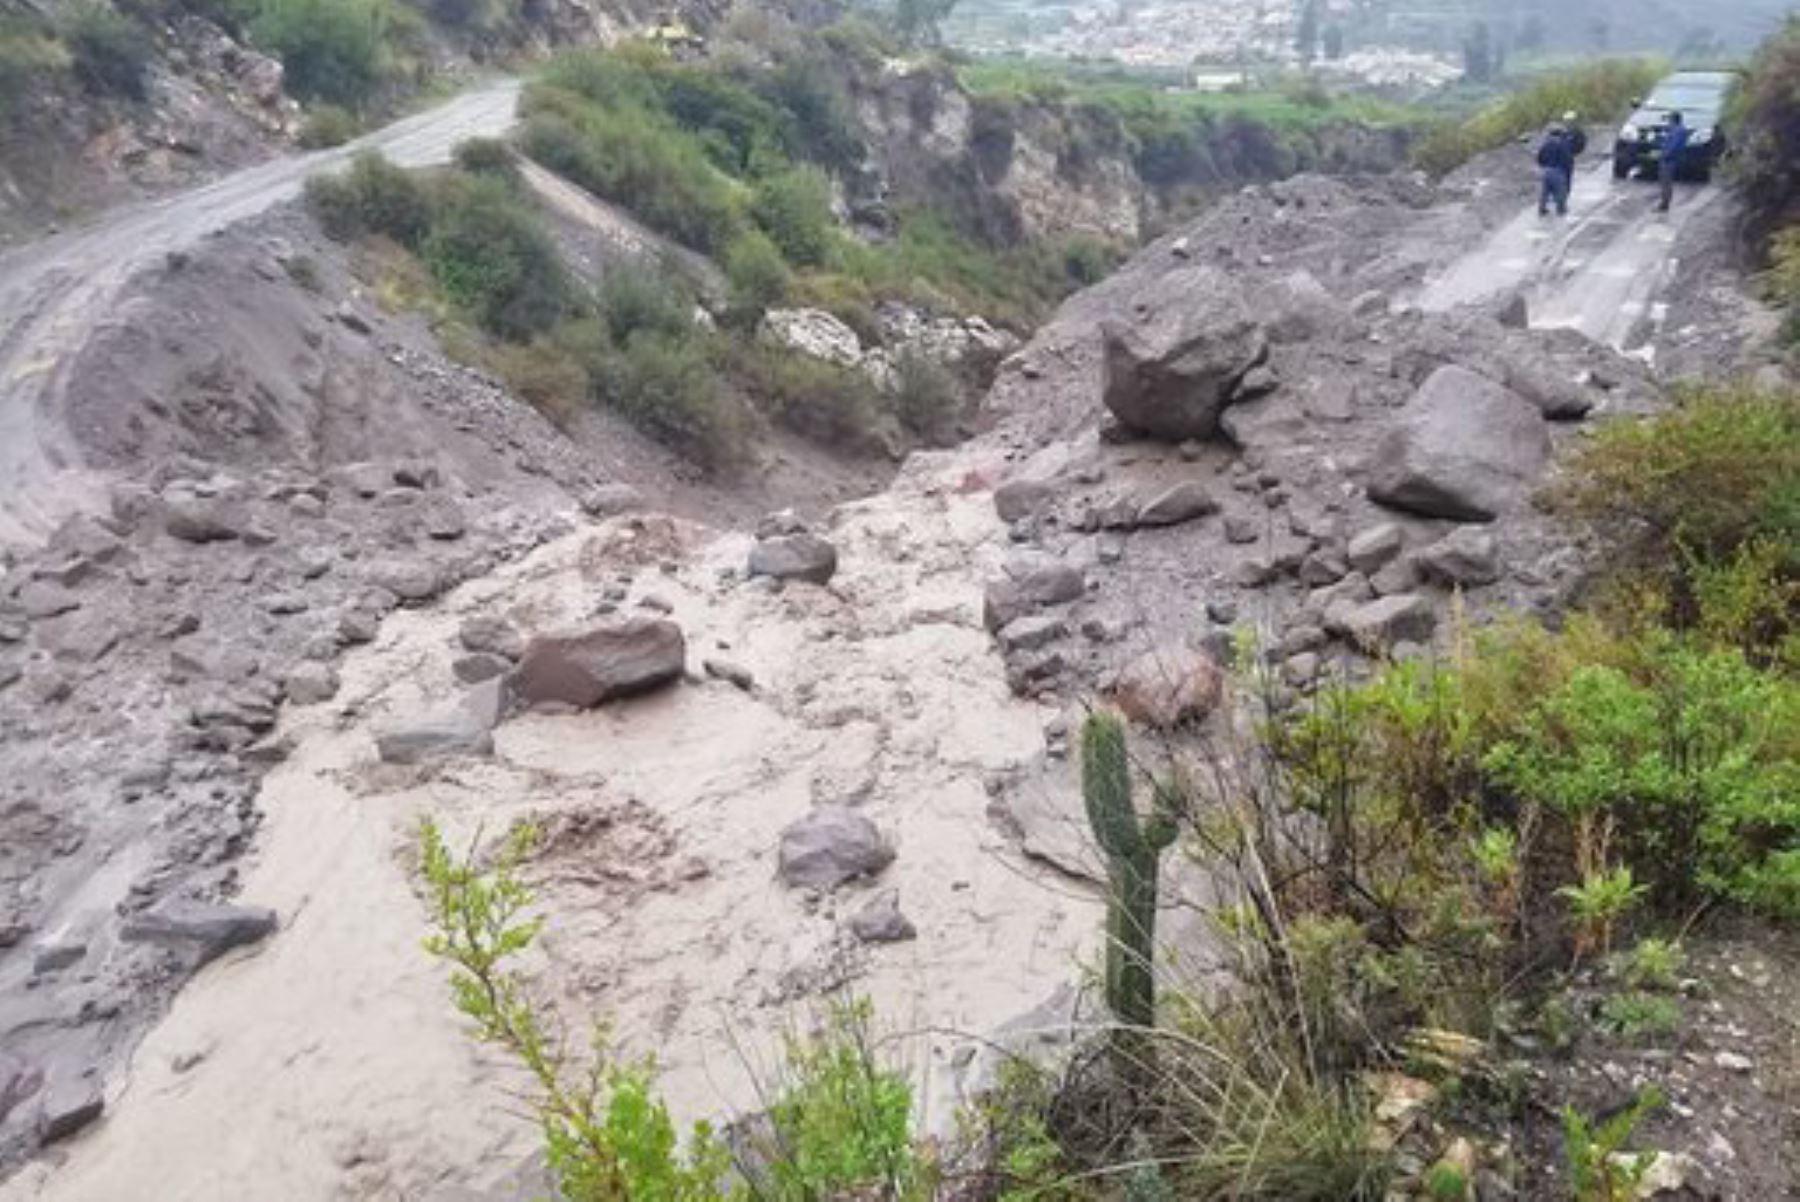 Los lahares pueden generar pérdidas de áreas agrícolas, afectación de obras de infraestructura e interrupción de las vías de comunicación.